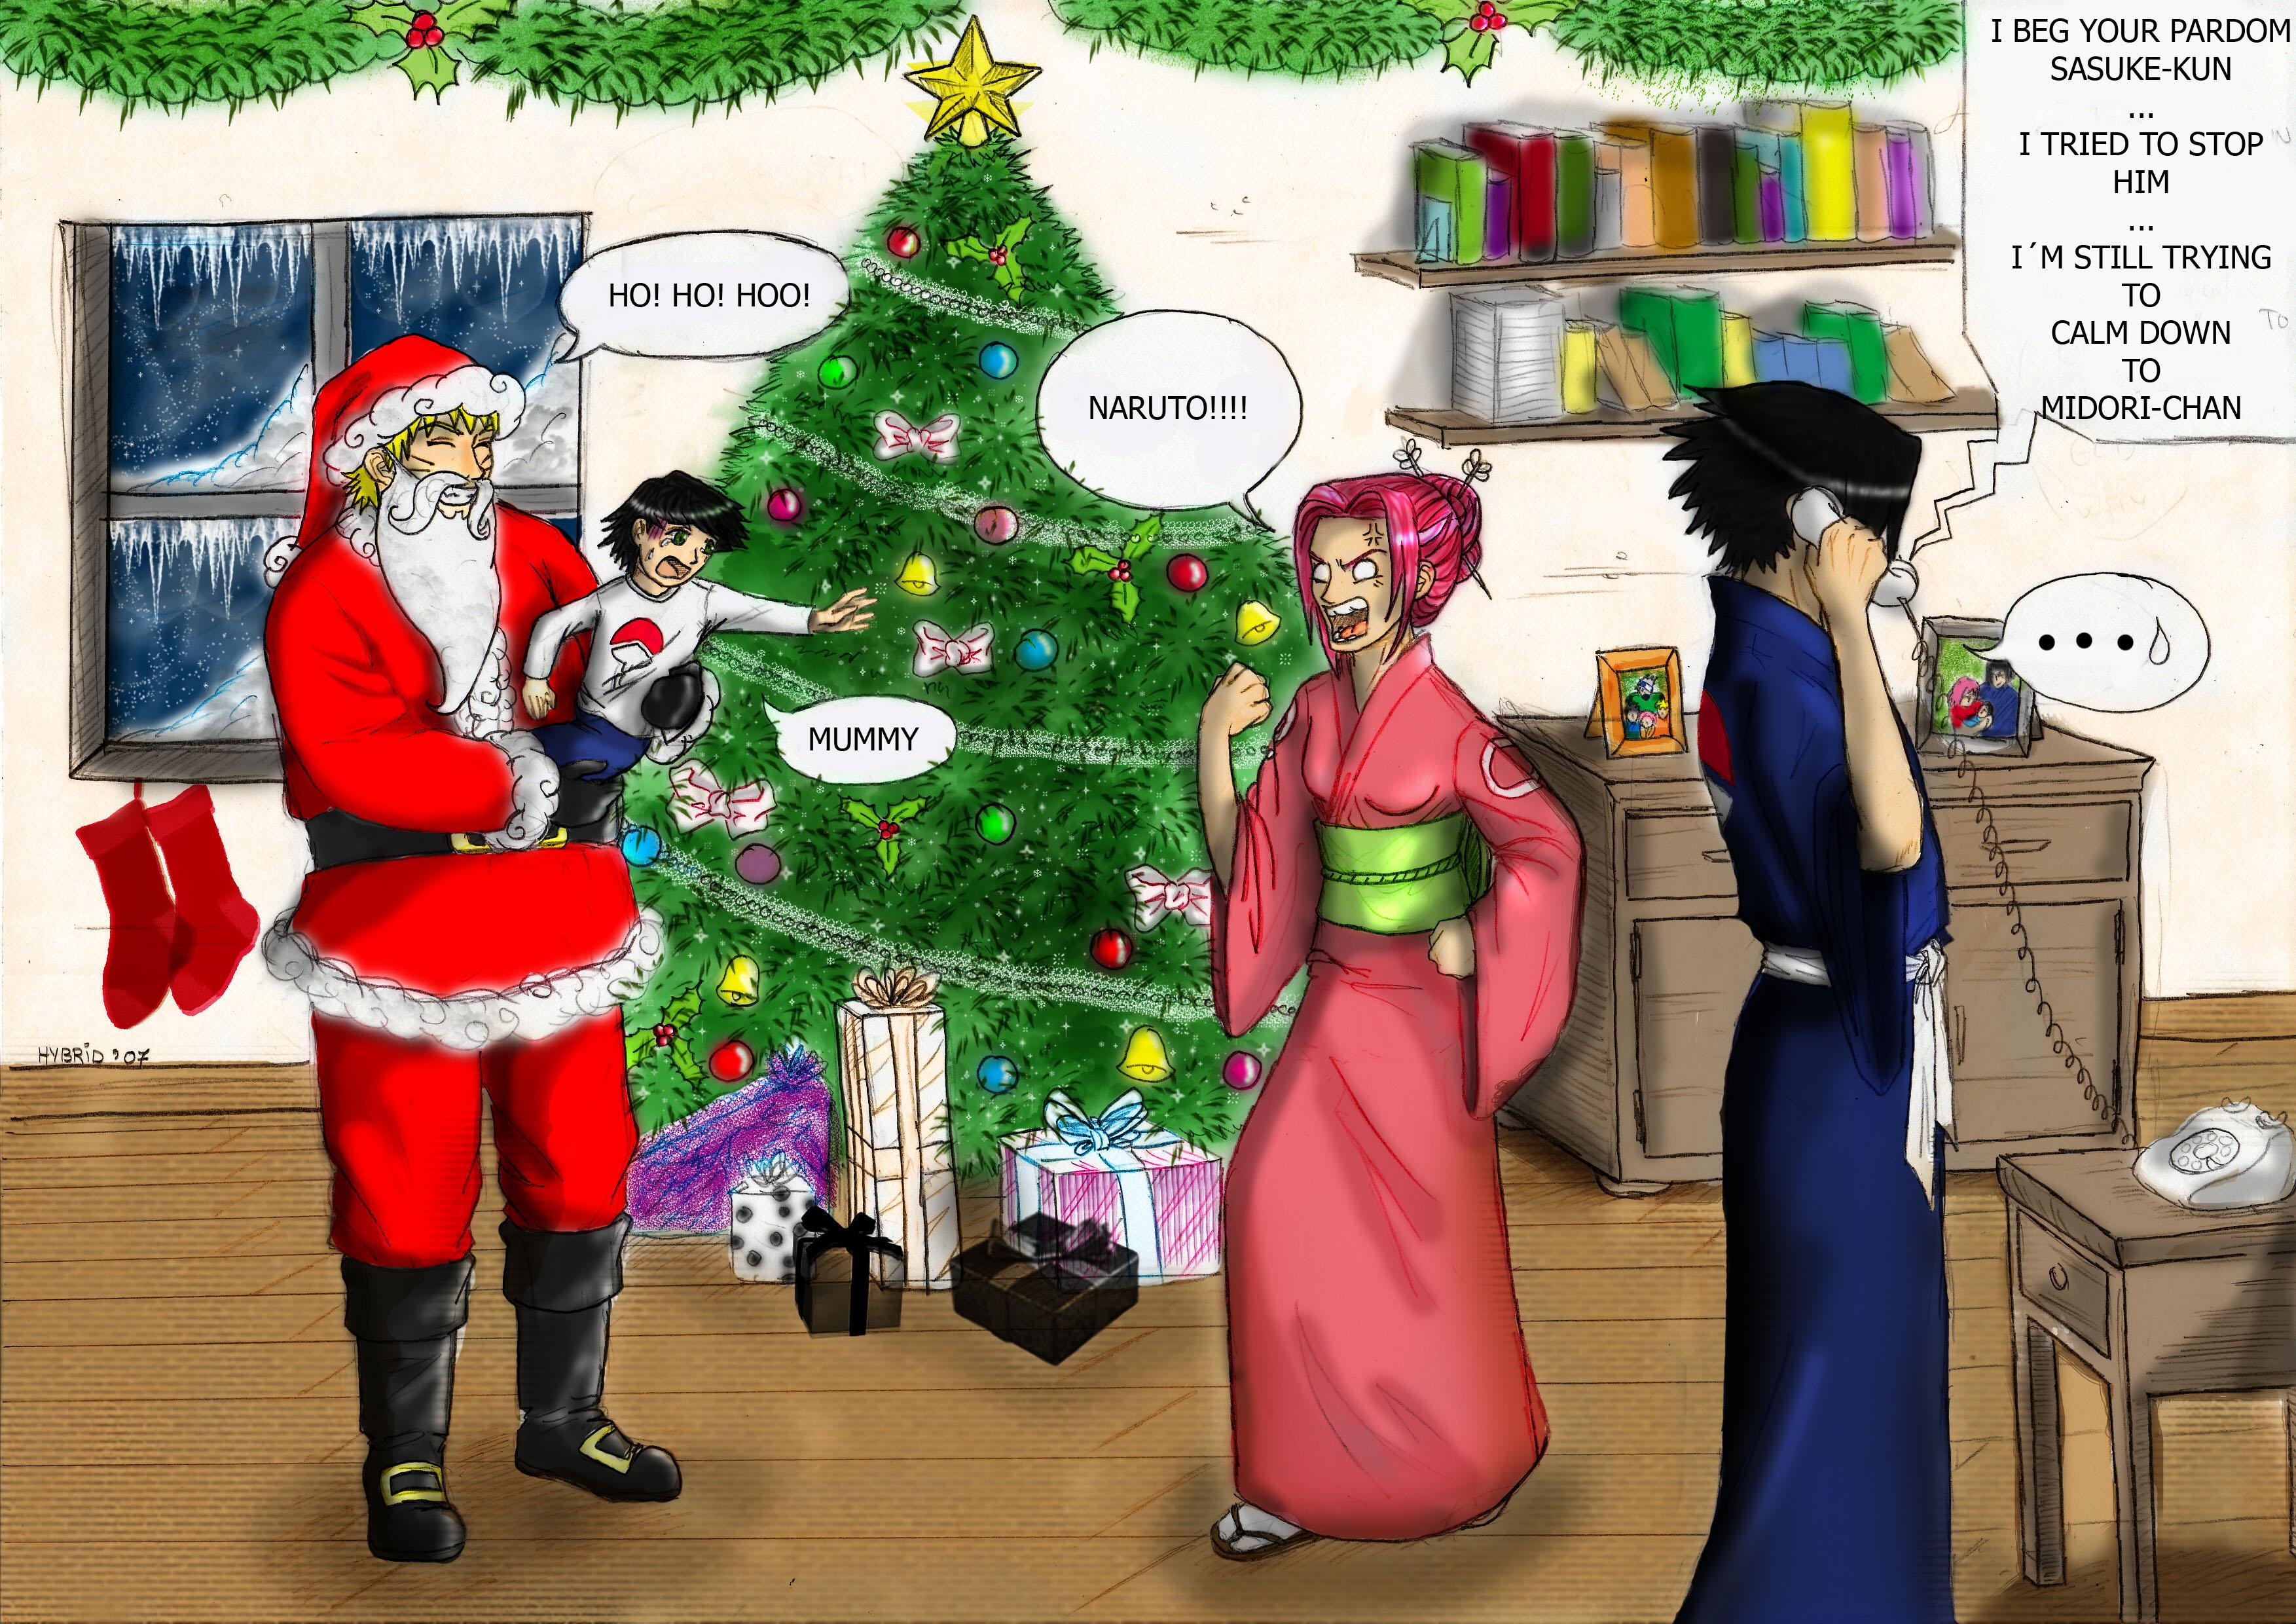 http://fc01.deviantart.net/fs22/f/2007/350/c/d/naruto_Santa_by_Hybrid22.jpg